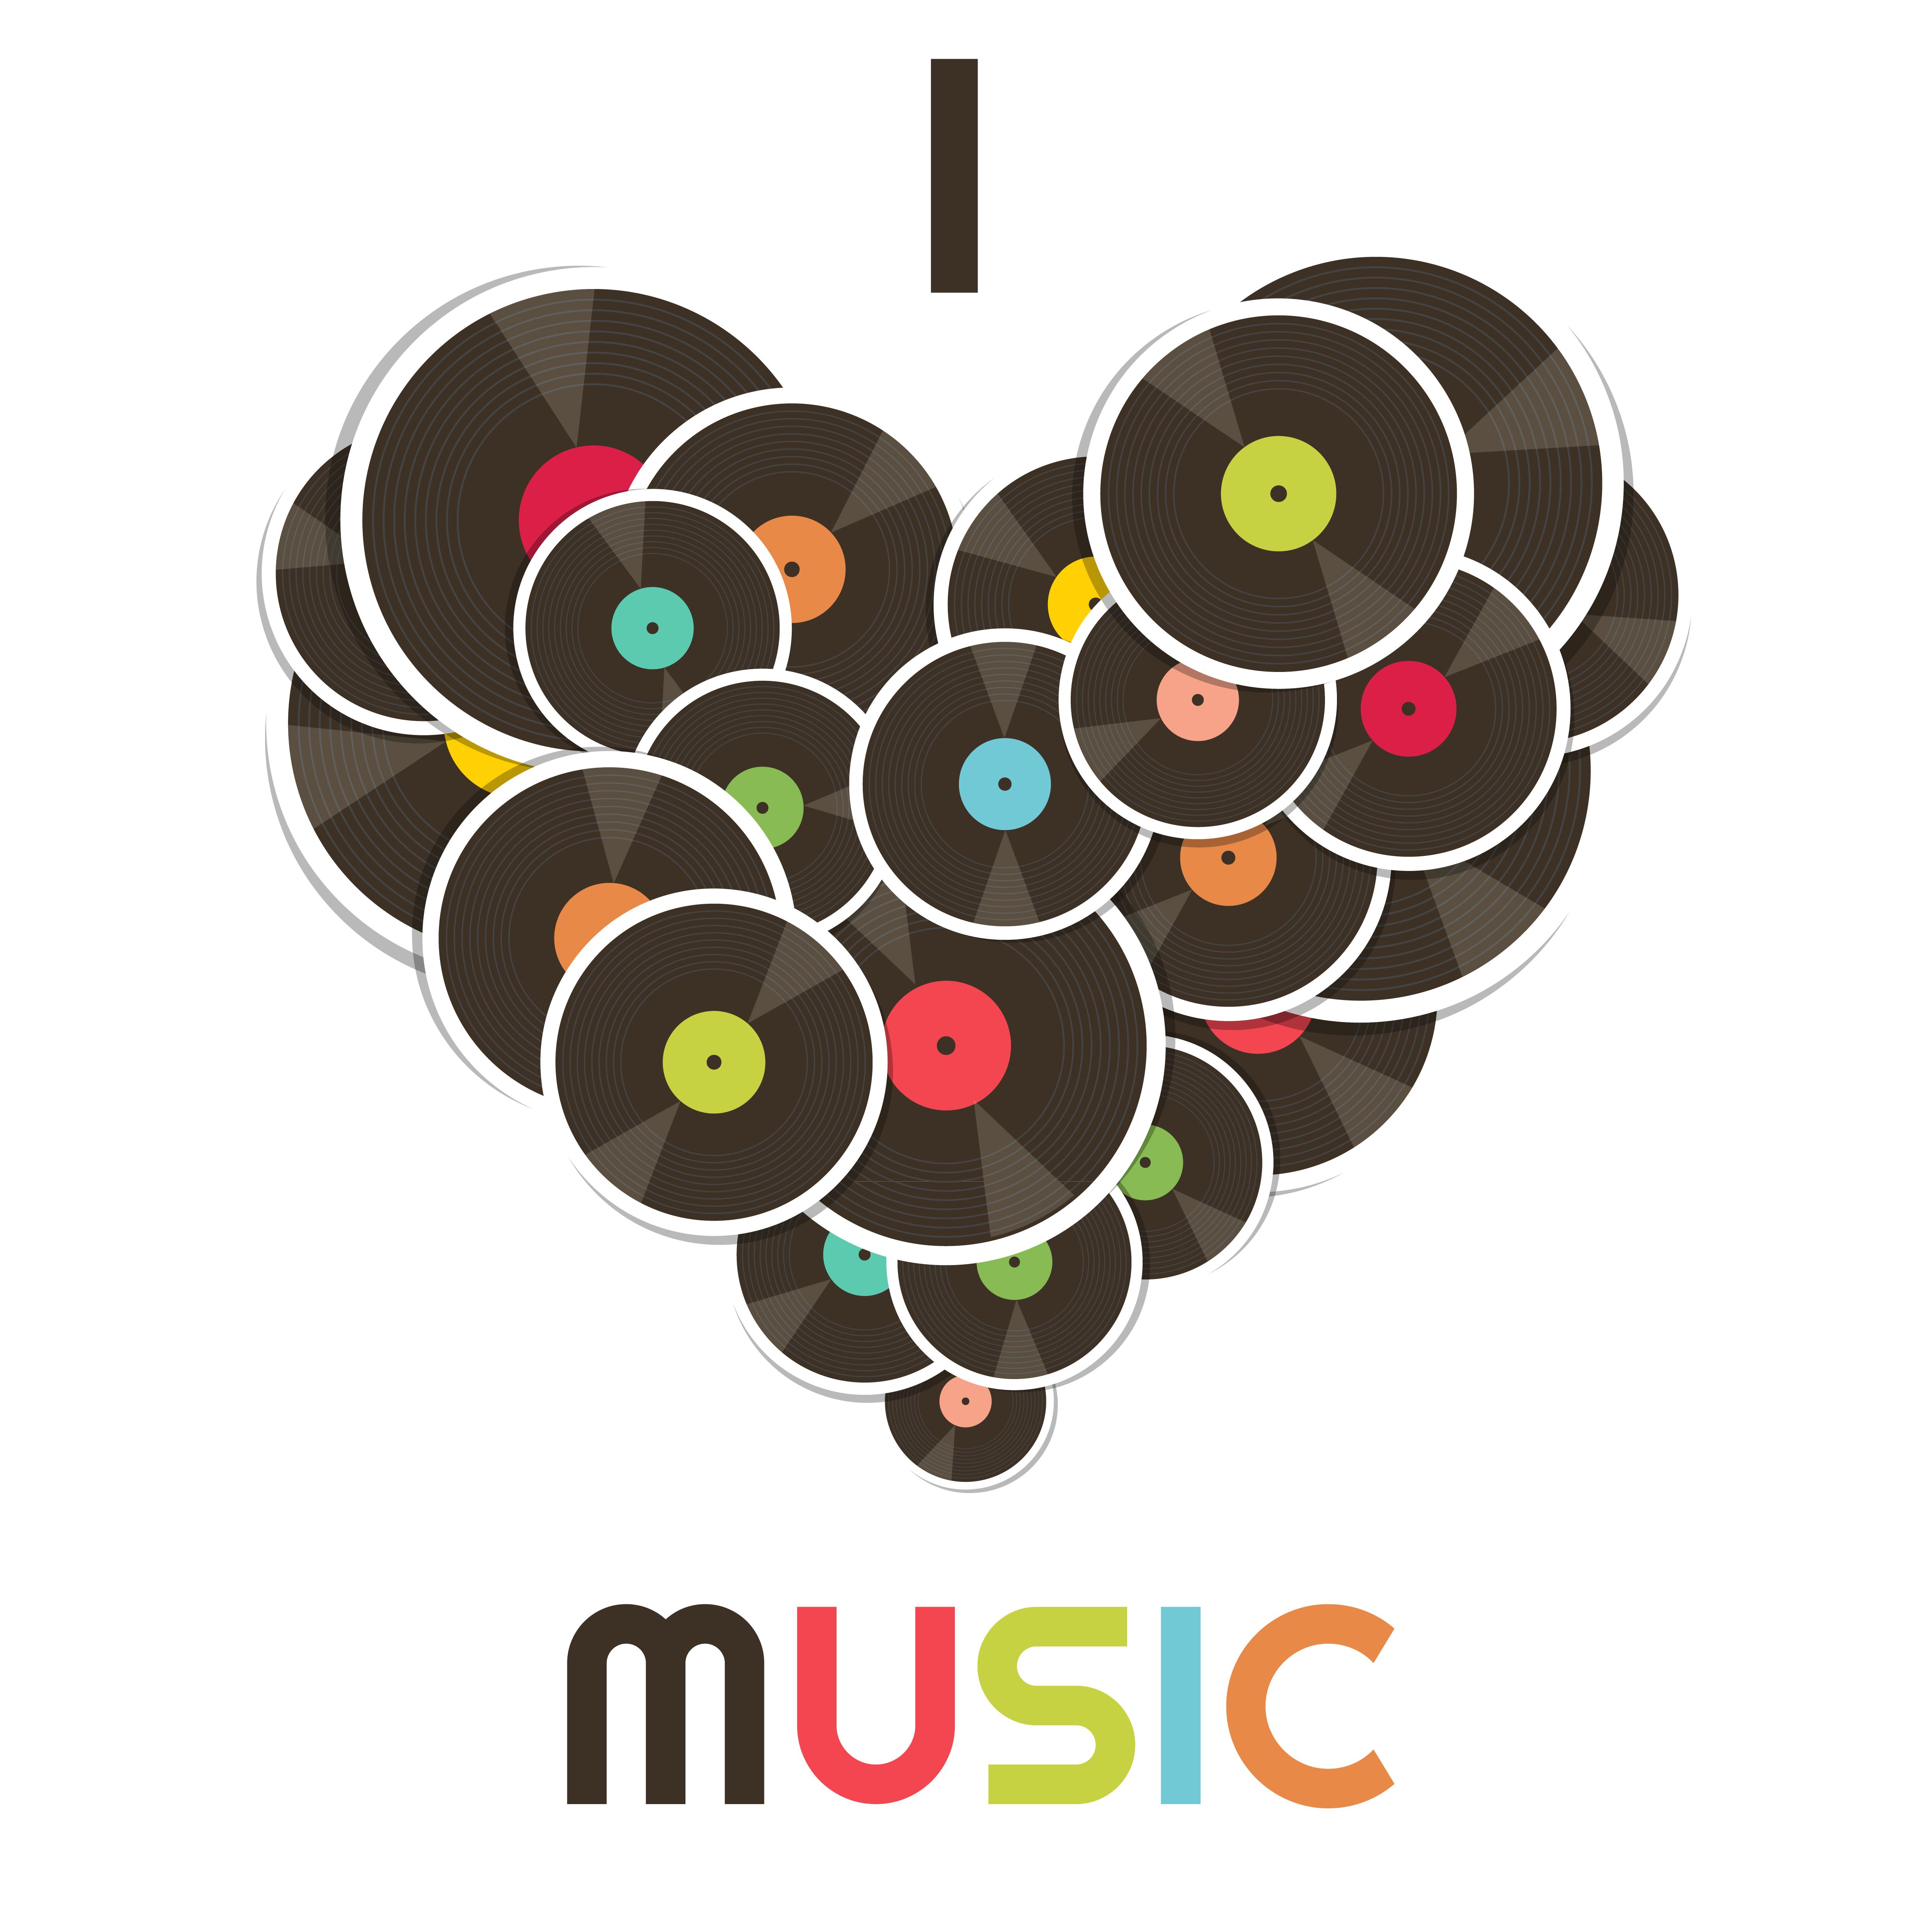 Où trouver des musiques libres de droit pour ses vidéos ? 5 sites avec un large choix à moindre coût ! 2